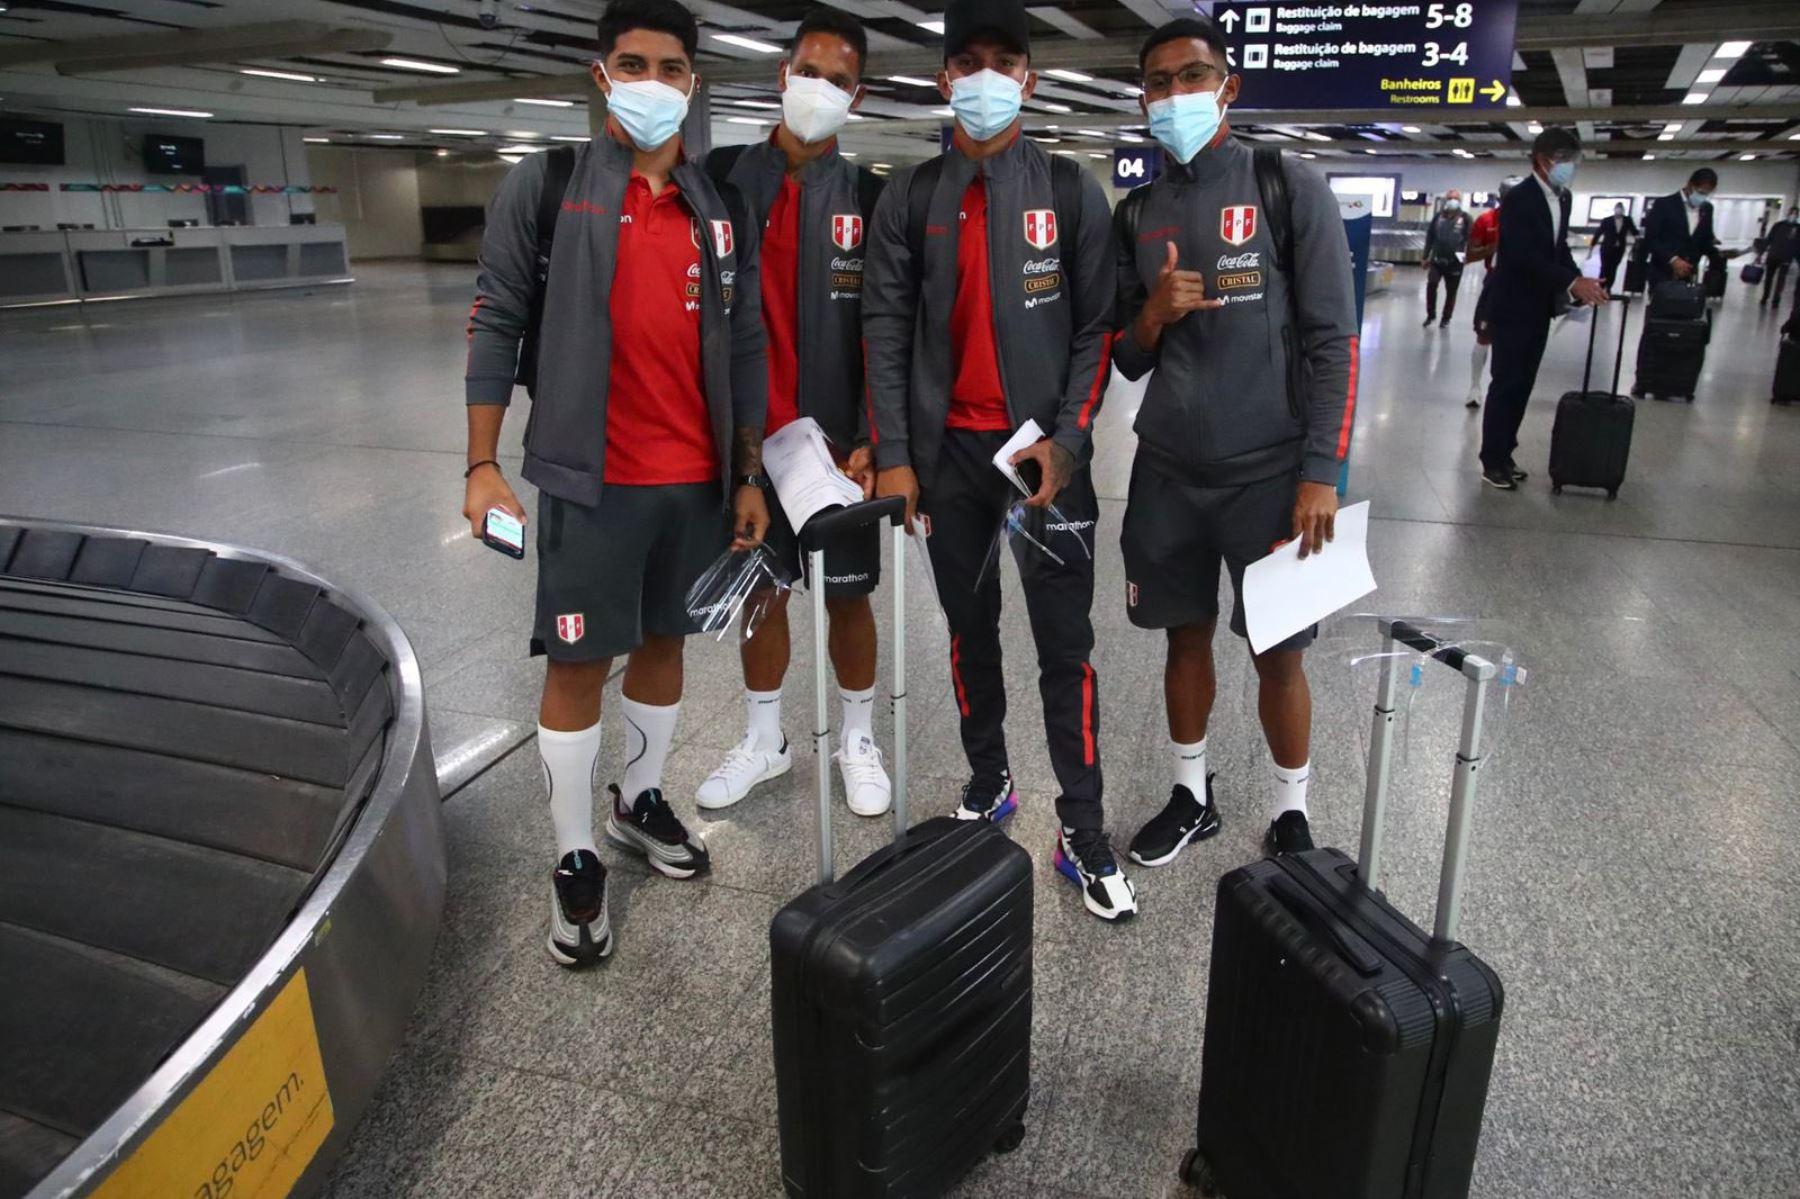 La escuadra nacional ya se encuentra en Brasil para disputar la Copa América 2021, donde tienen pensado entrenar el martes y miércoles antes de hacer su debut, el jueves 17 de junio ante Brasil Foto: @Seleccion Peruana